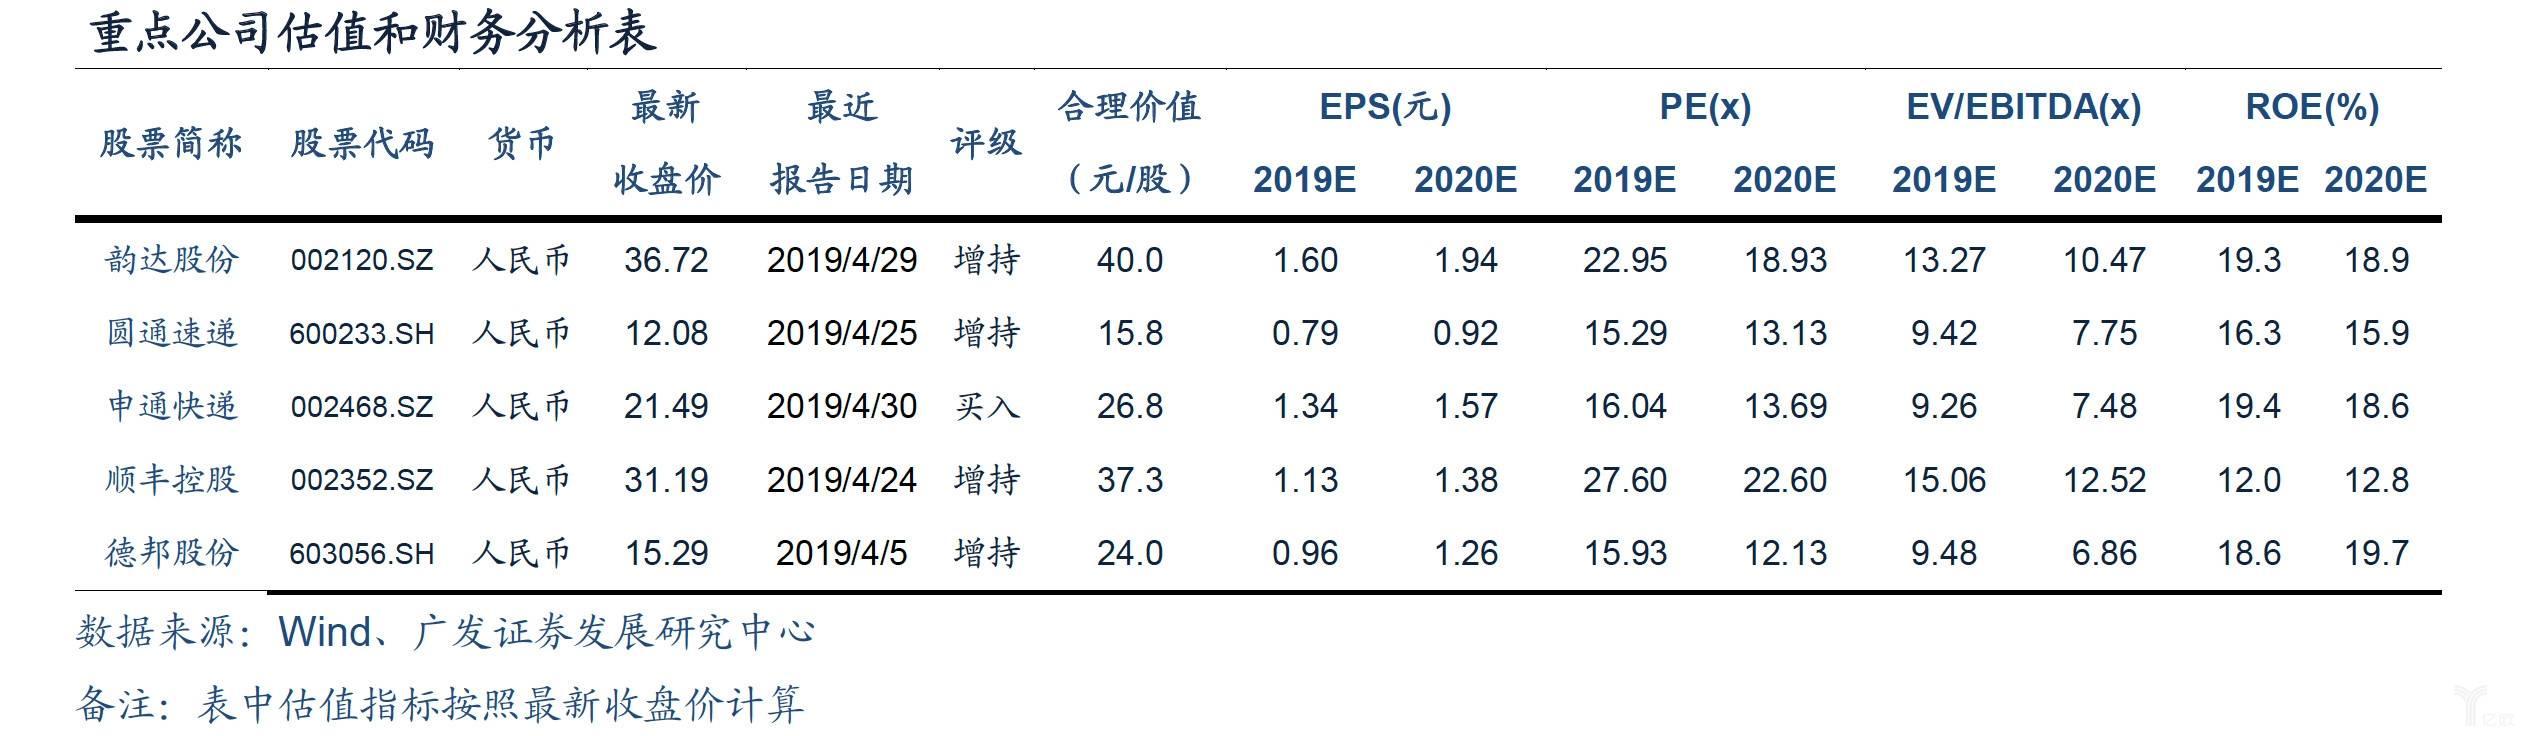 重点公司估值和财务分析表